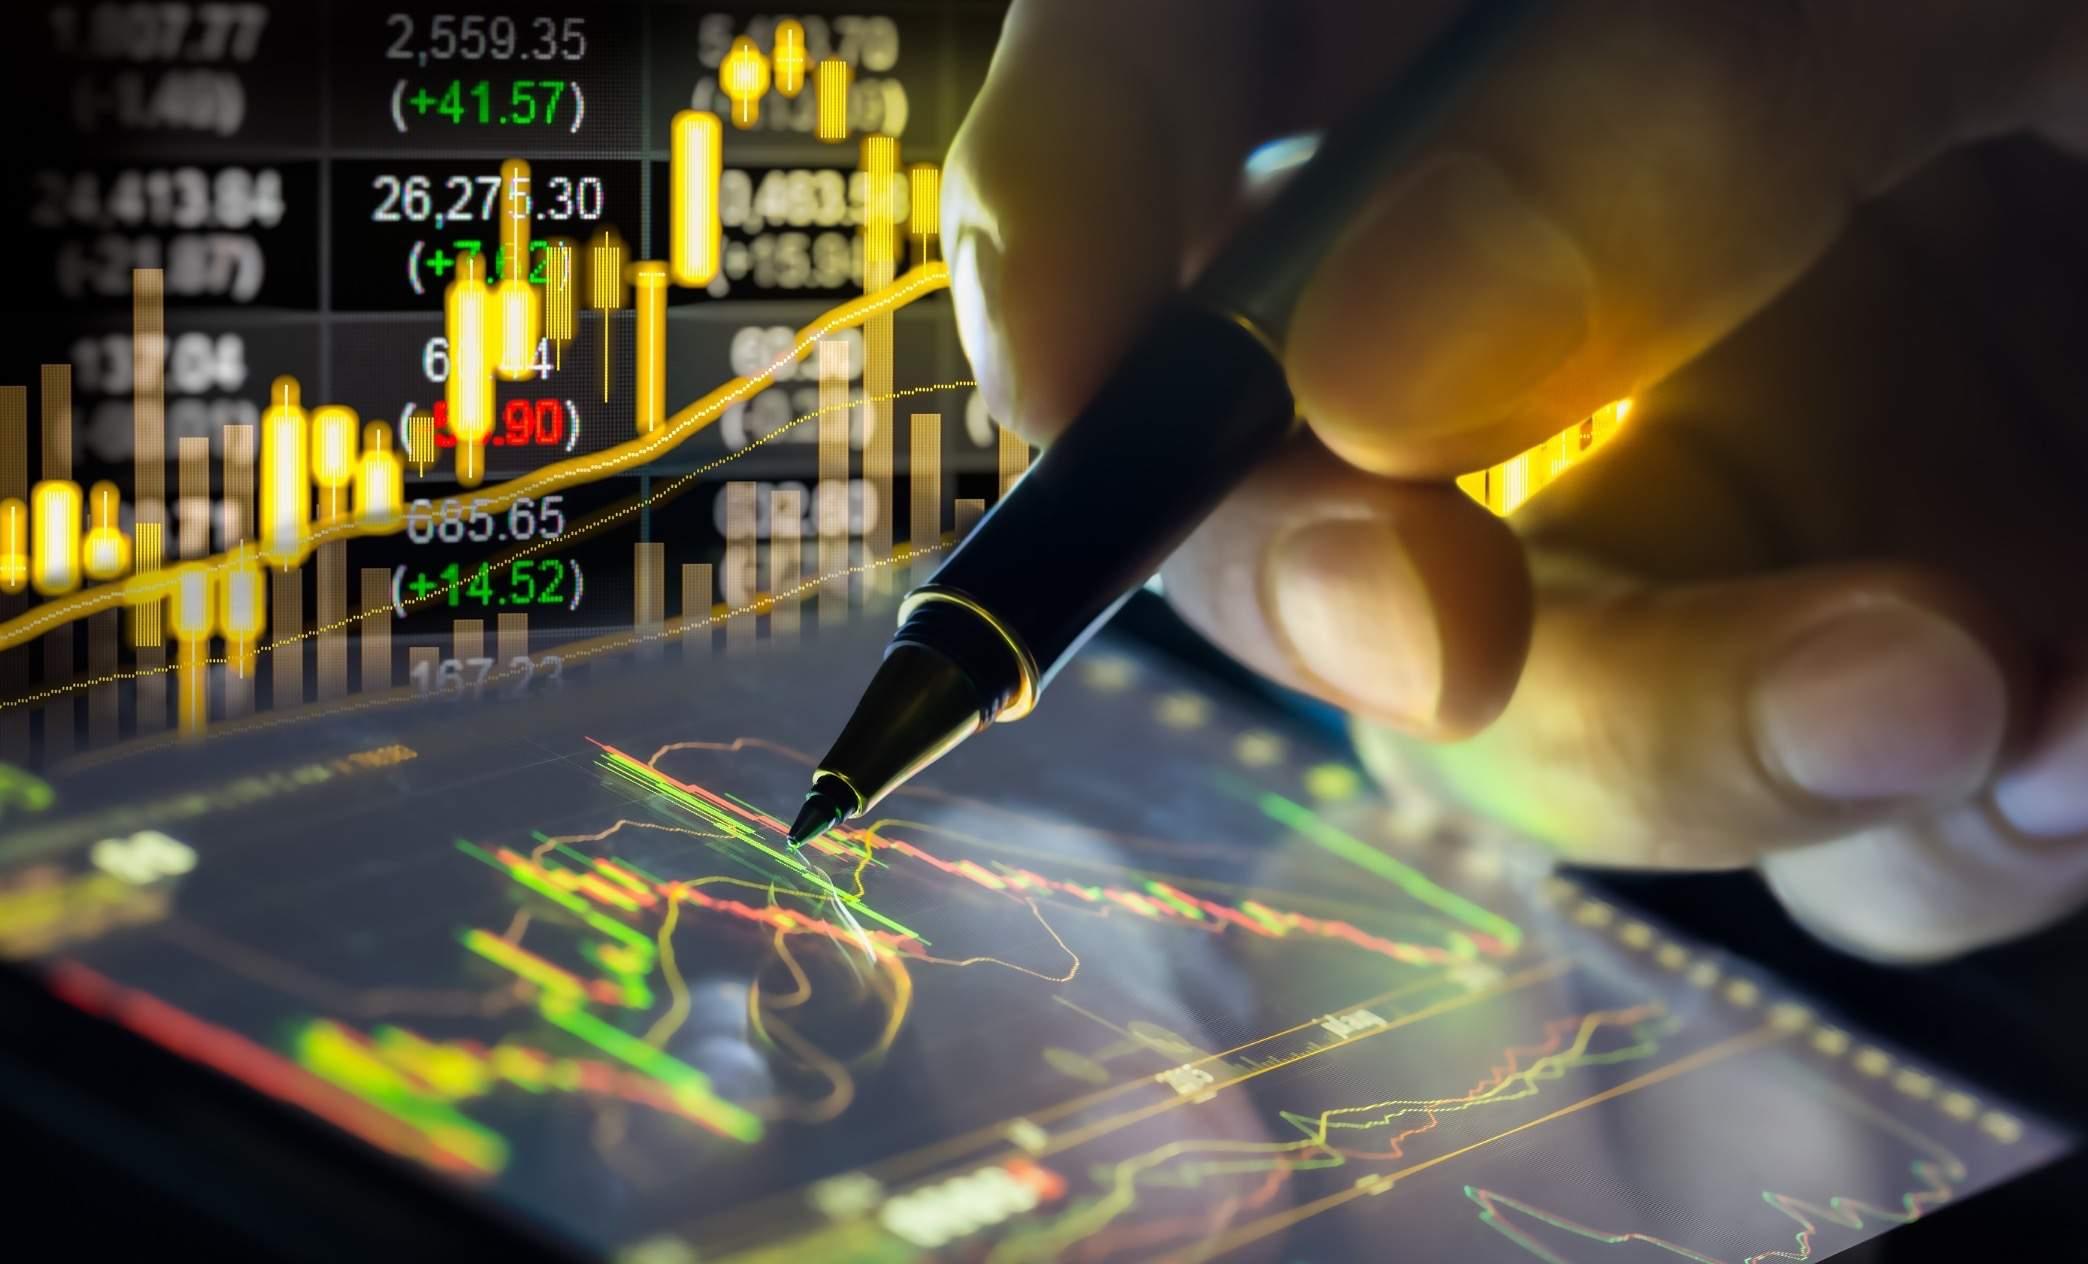 股票|P2P平台金银猫宣布清盘退出网贷行业